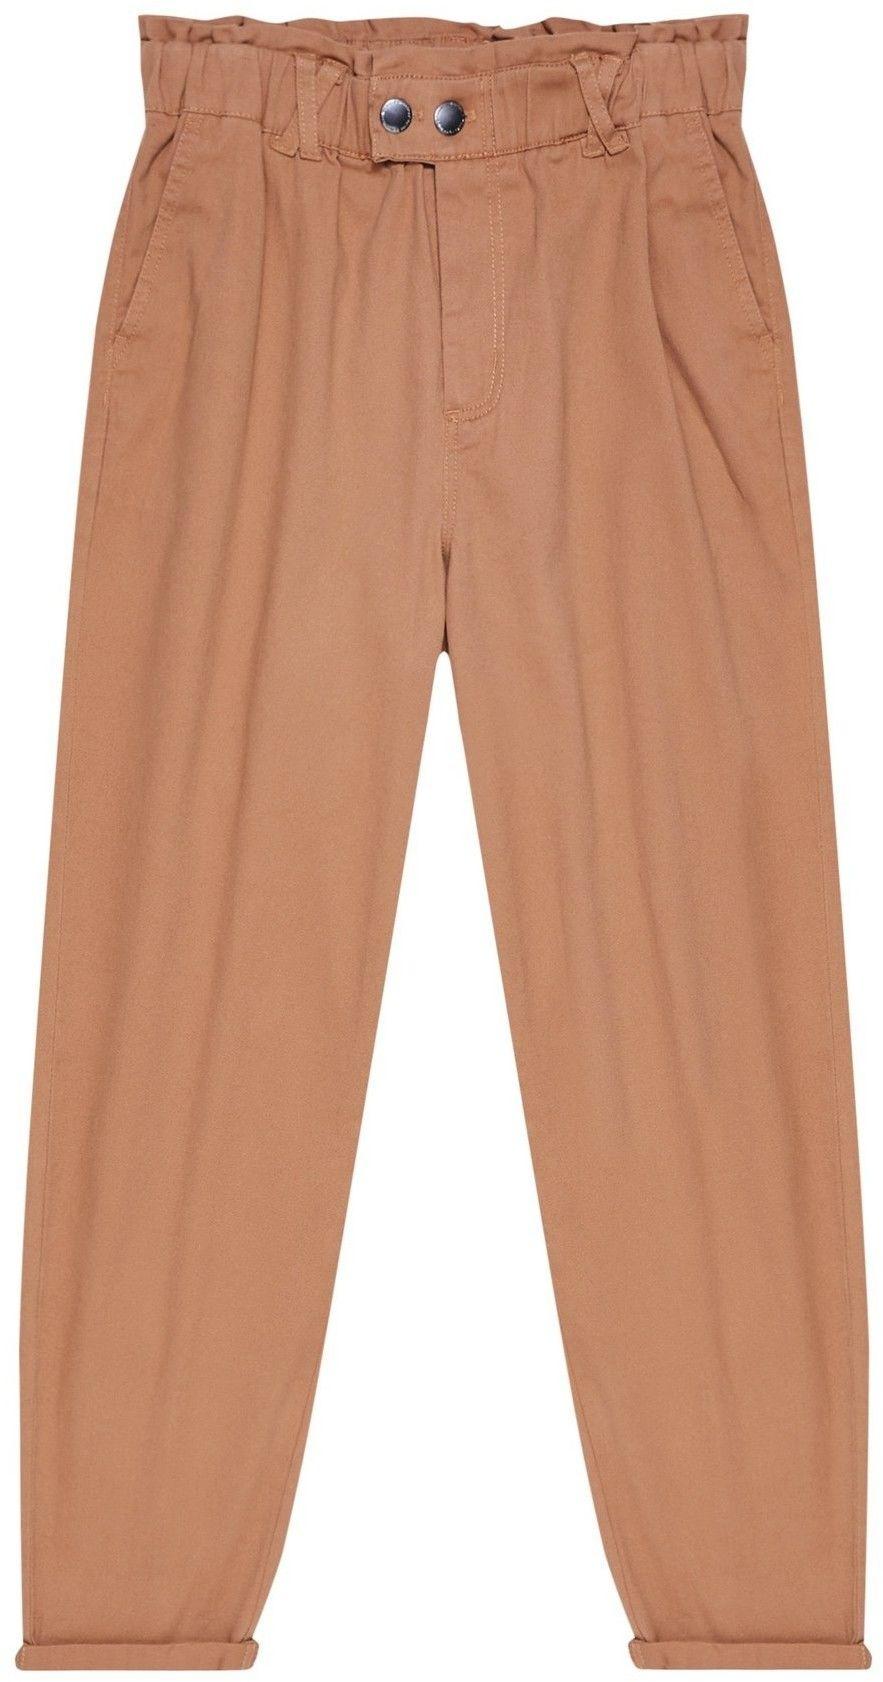 Gładkie spodnie typu paperbag